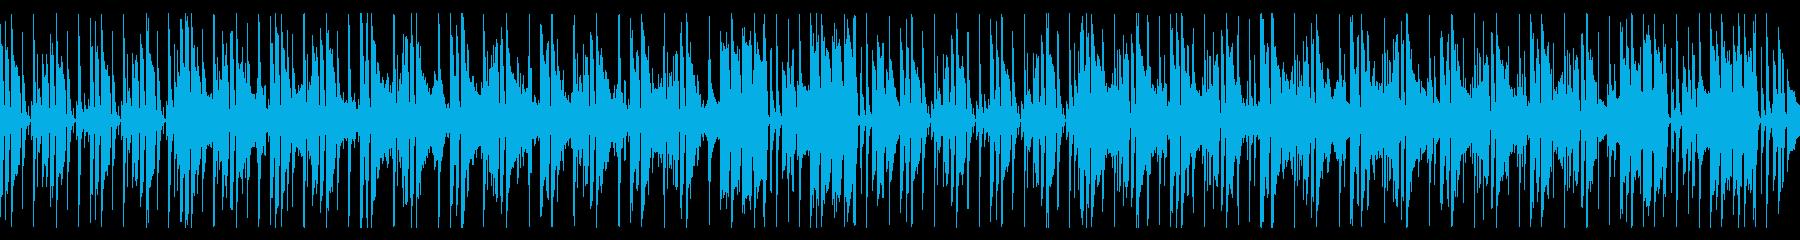 ギターが特徴的なファンク調ロックの再生済みの波形